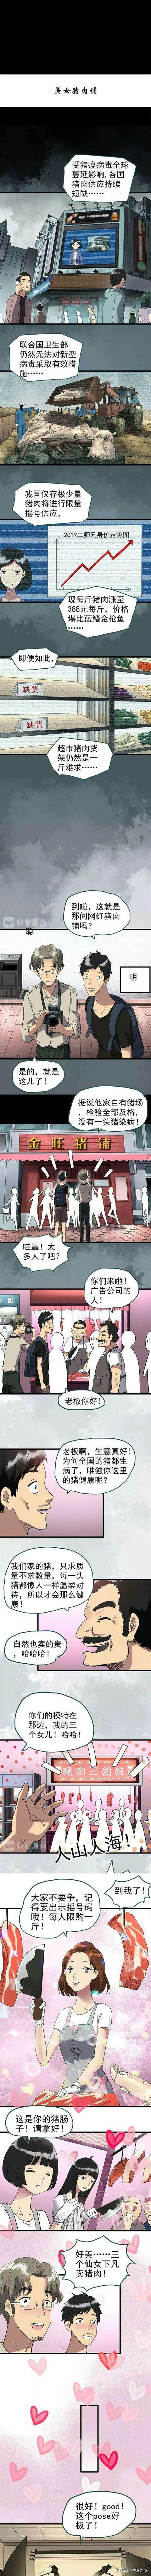 【漫画】美女的男友竟然都是?-小柚妹站